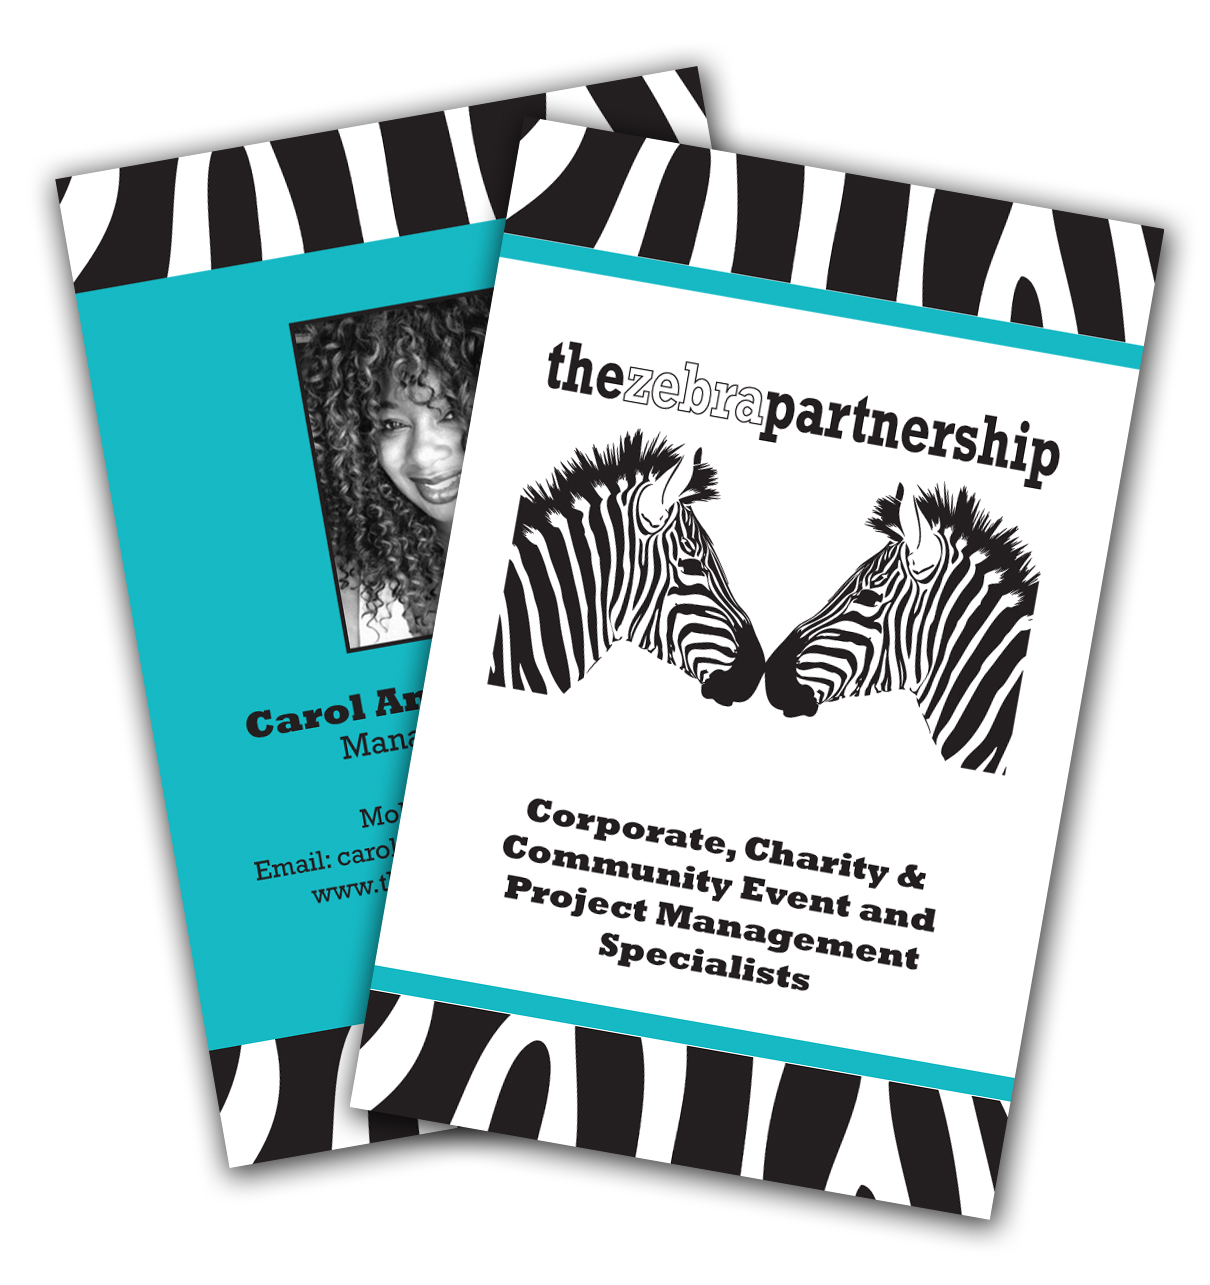 The Zebra Partnership Business Cards – Aqua Design Group | Graphics ...